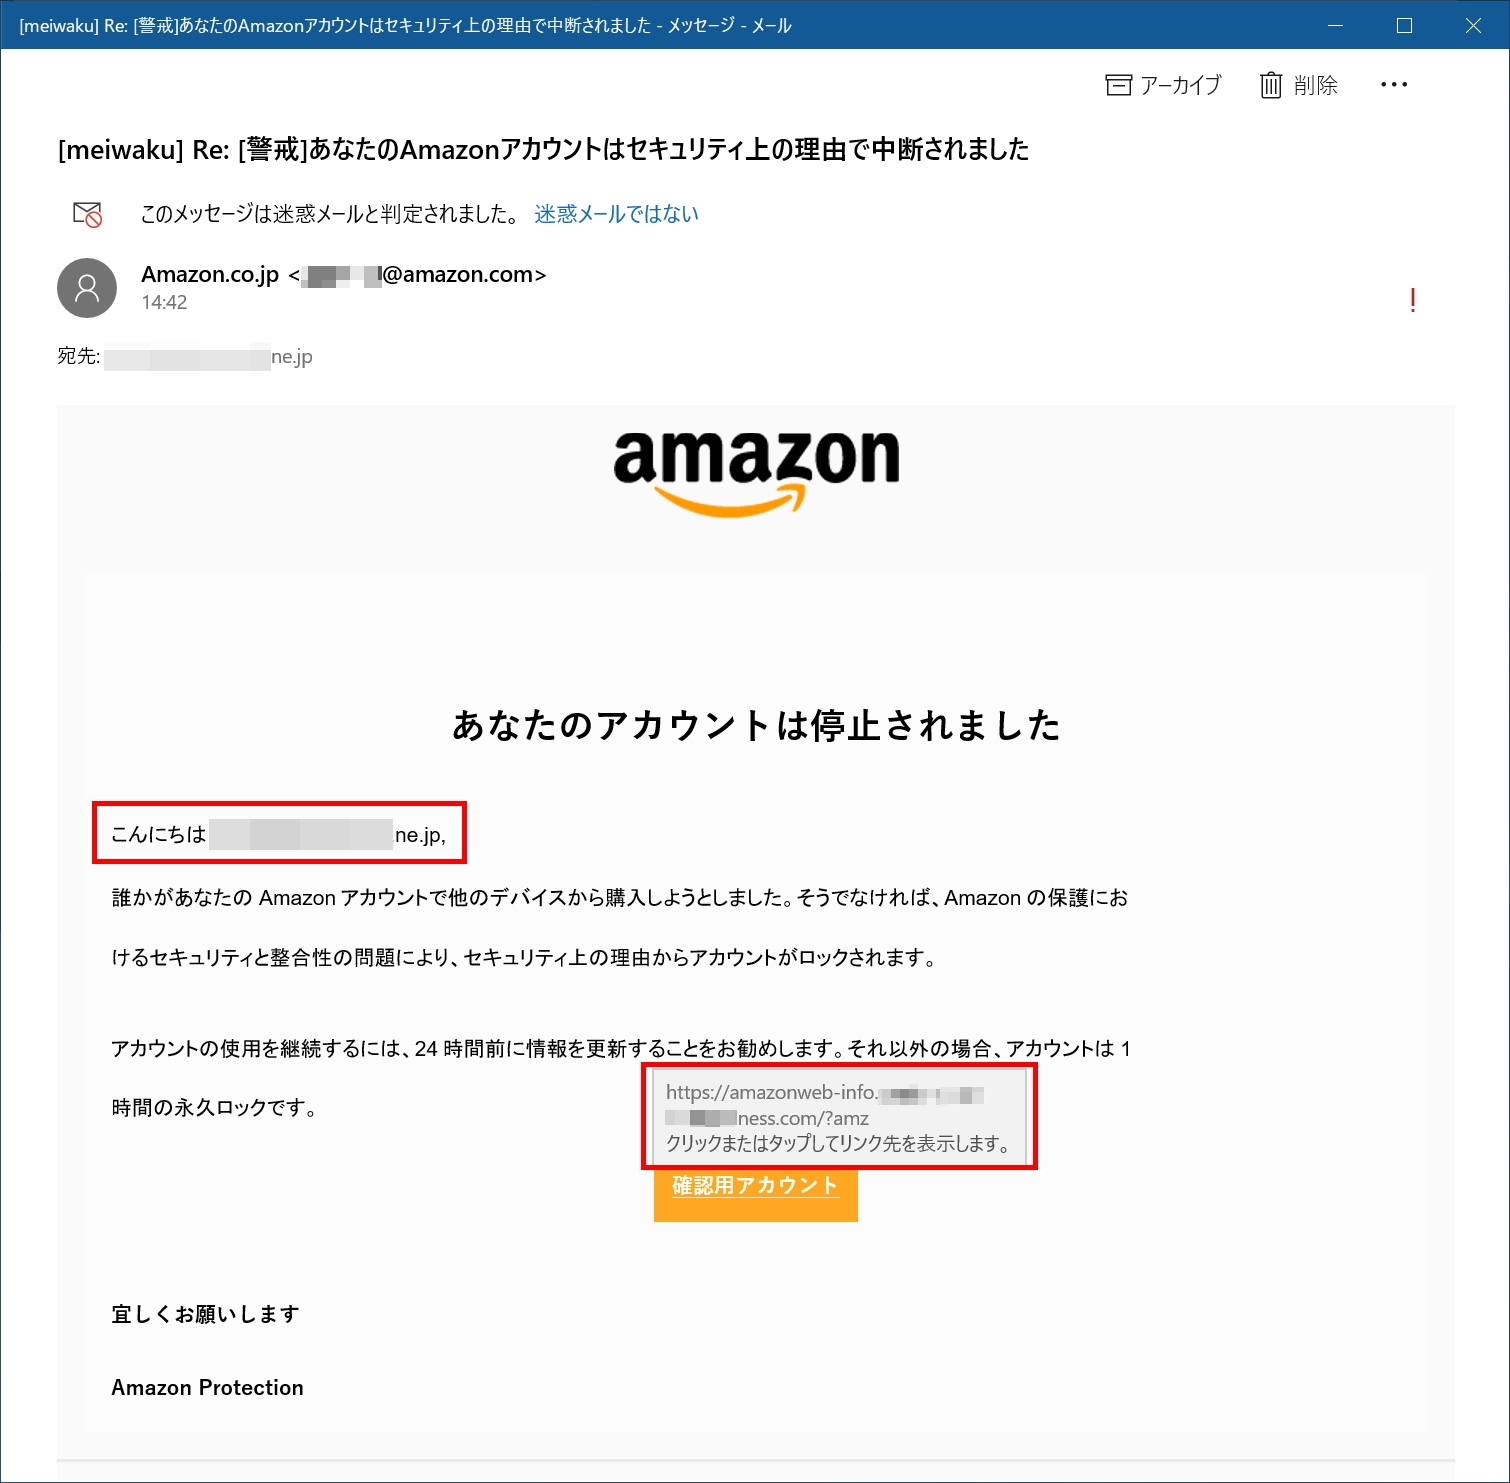 アマゾン・ドット・コム(Amazon.com)をかたるフィッシングメール。本文中でユーザーの名前をメールアドレスで呼んでいるが、本物であればユーザーの名字や氏名が入るはずだ。リンクにマウスを合わせるとリンク先のURLが確認できるが、明らかにアマゾンのURLとは異なる